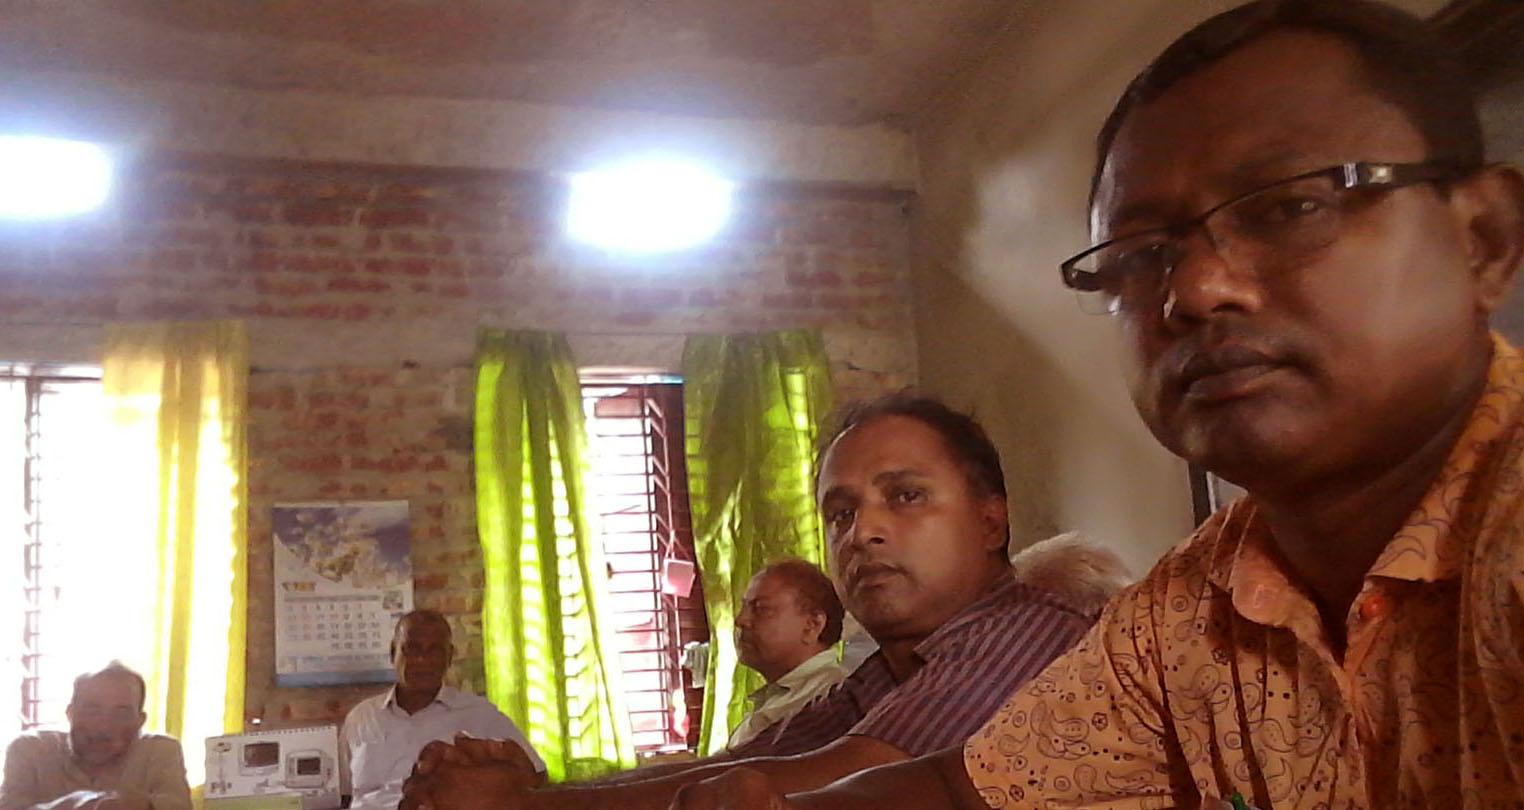 কলারোয়ায় সুন্দরবন বিশ্ববিদ্যালয় বাস্তবায়ন কমিটির মতবিনিময় সভা